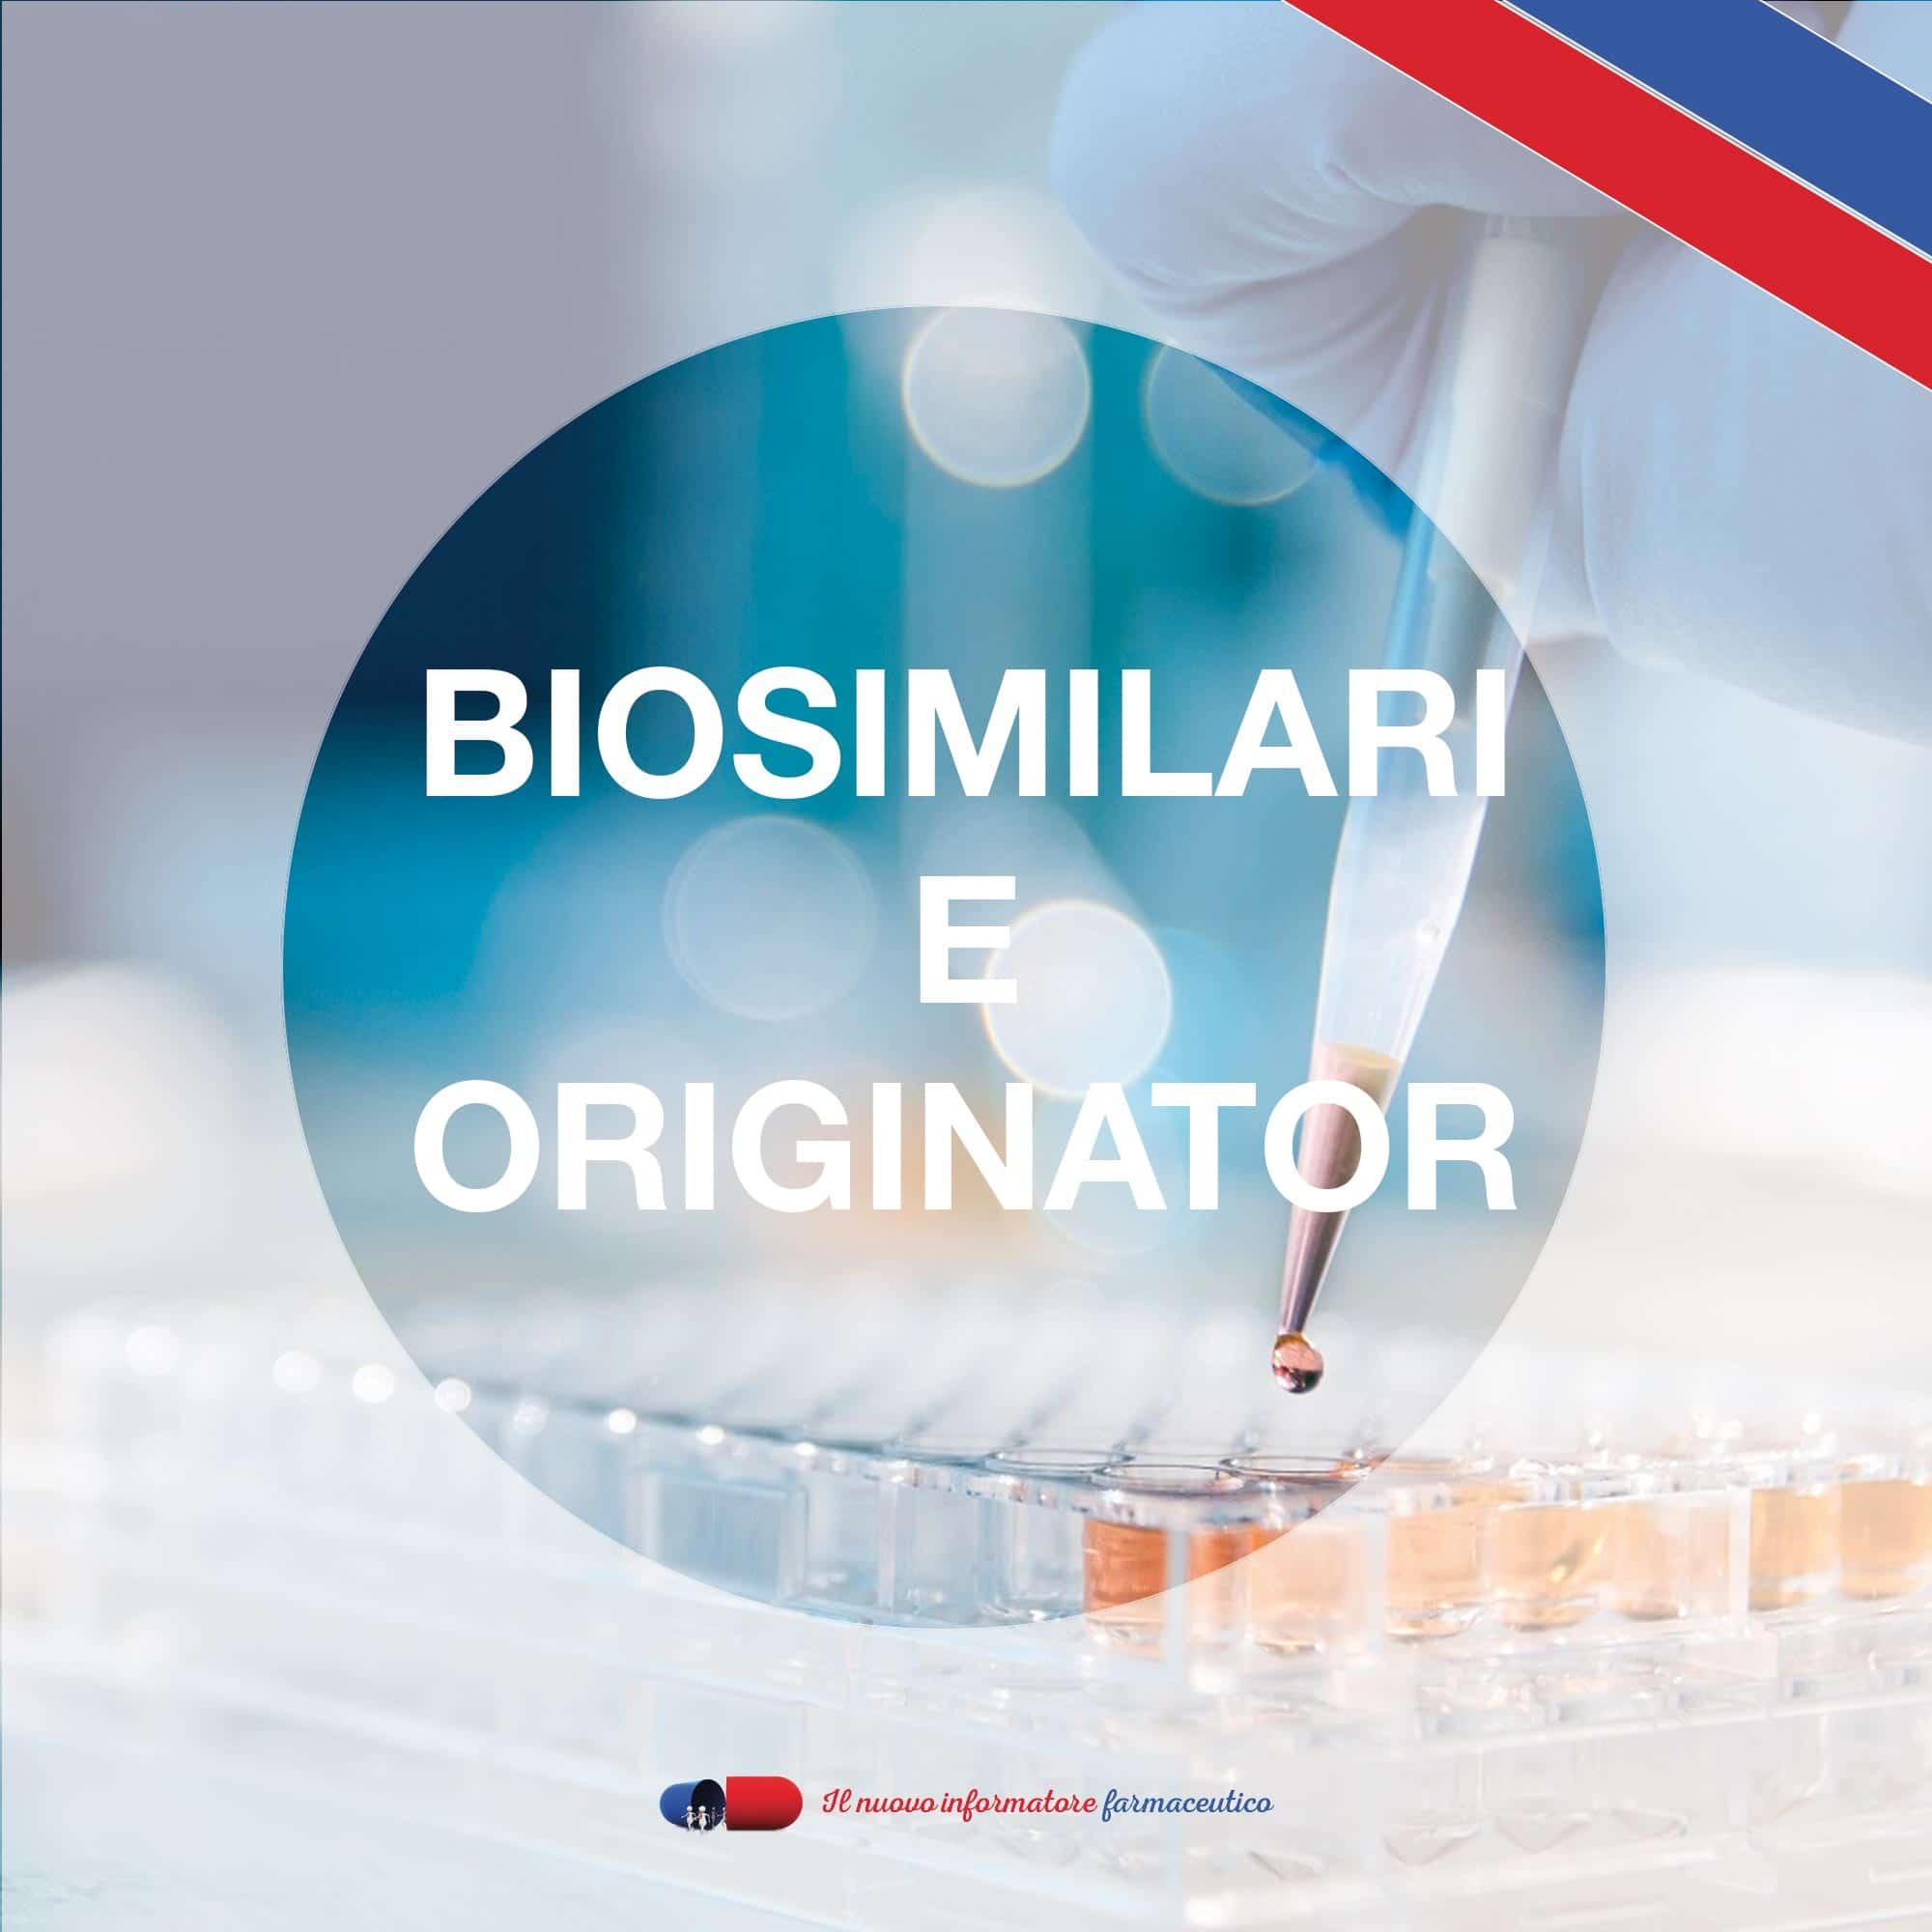 Sostituibilità automatica biologico/biosimilare: il no della FNOMCeO